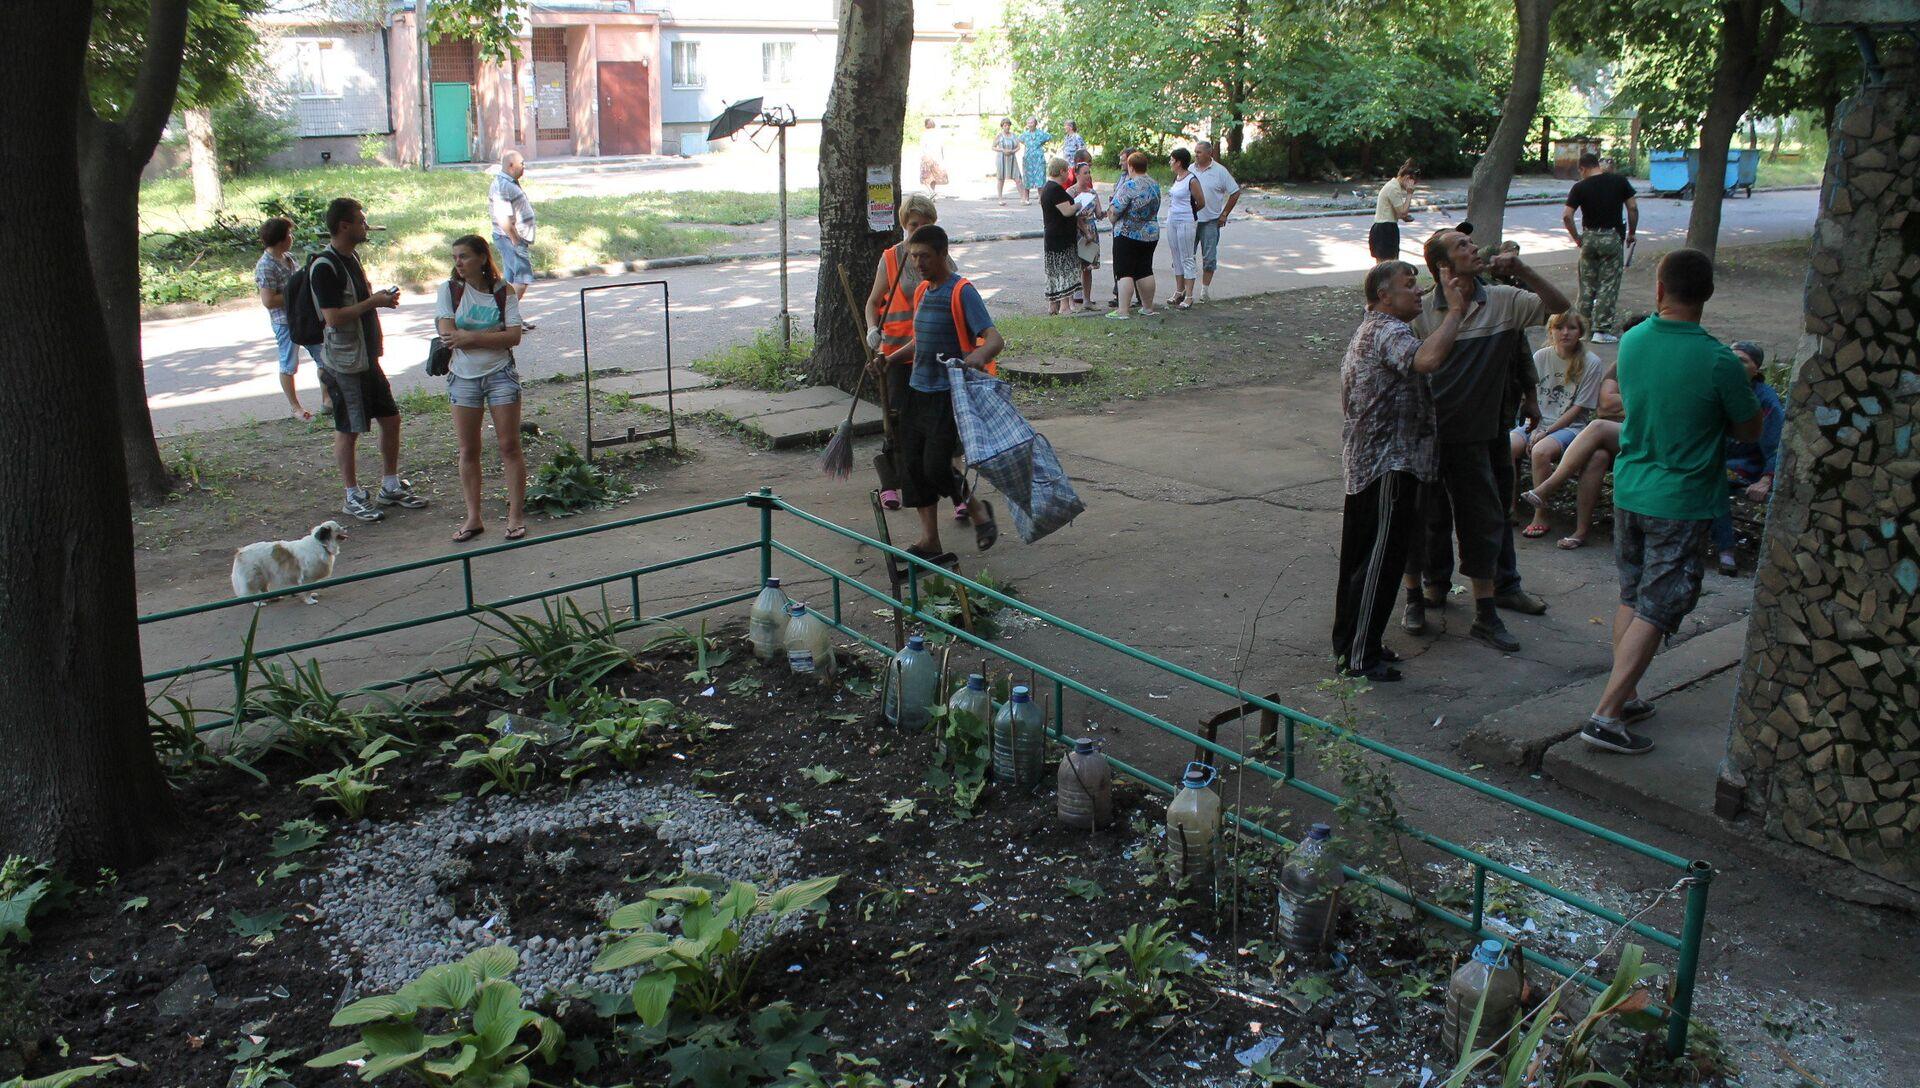 Местные жители во дворе жилого дома - РИА Новости, 1920, 26.04.2018